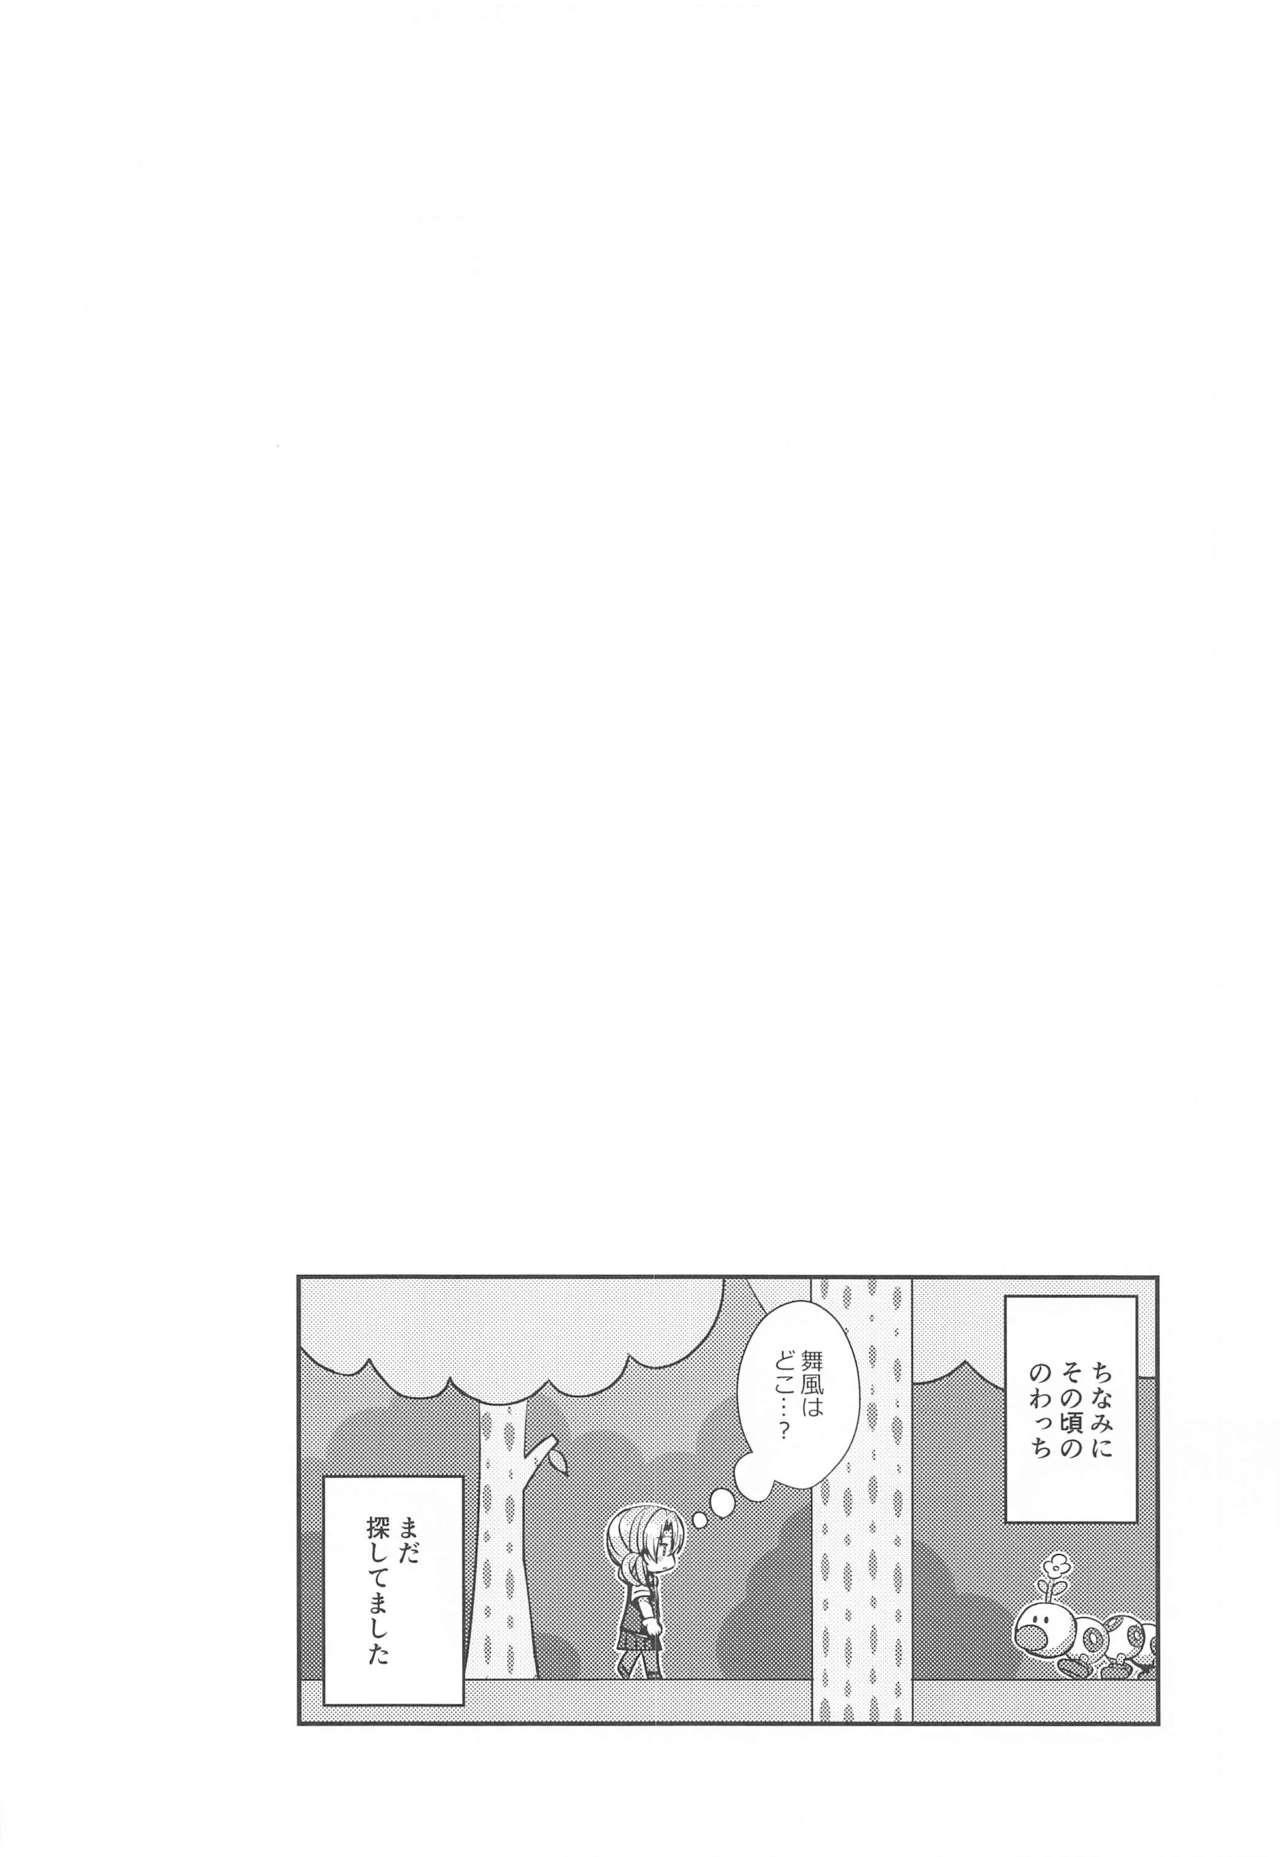 Yukata no Hagikaze wa Suki desu ka? 20